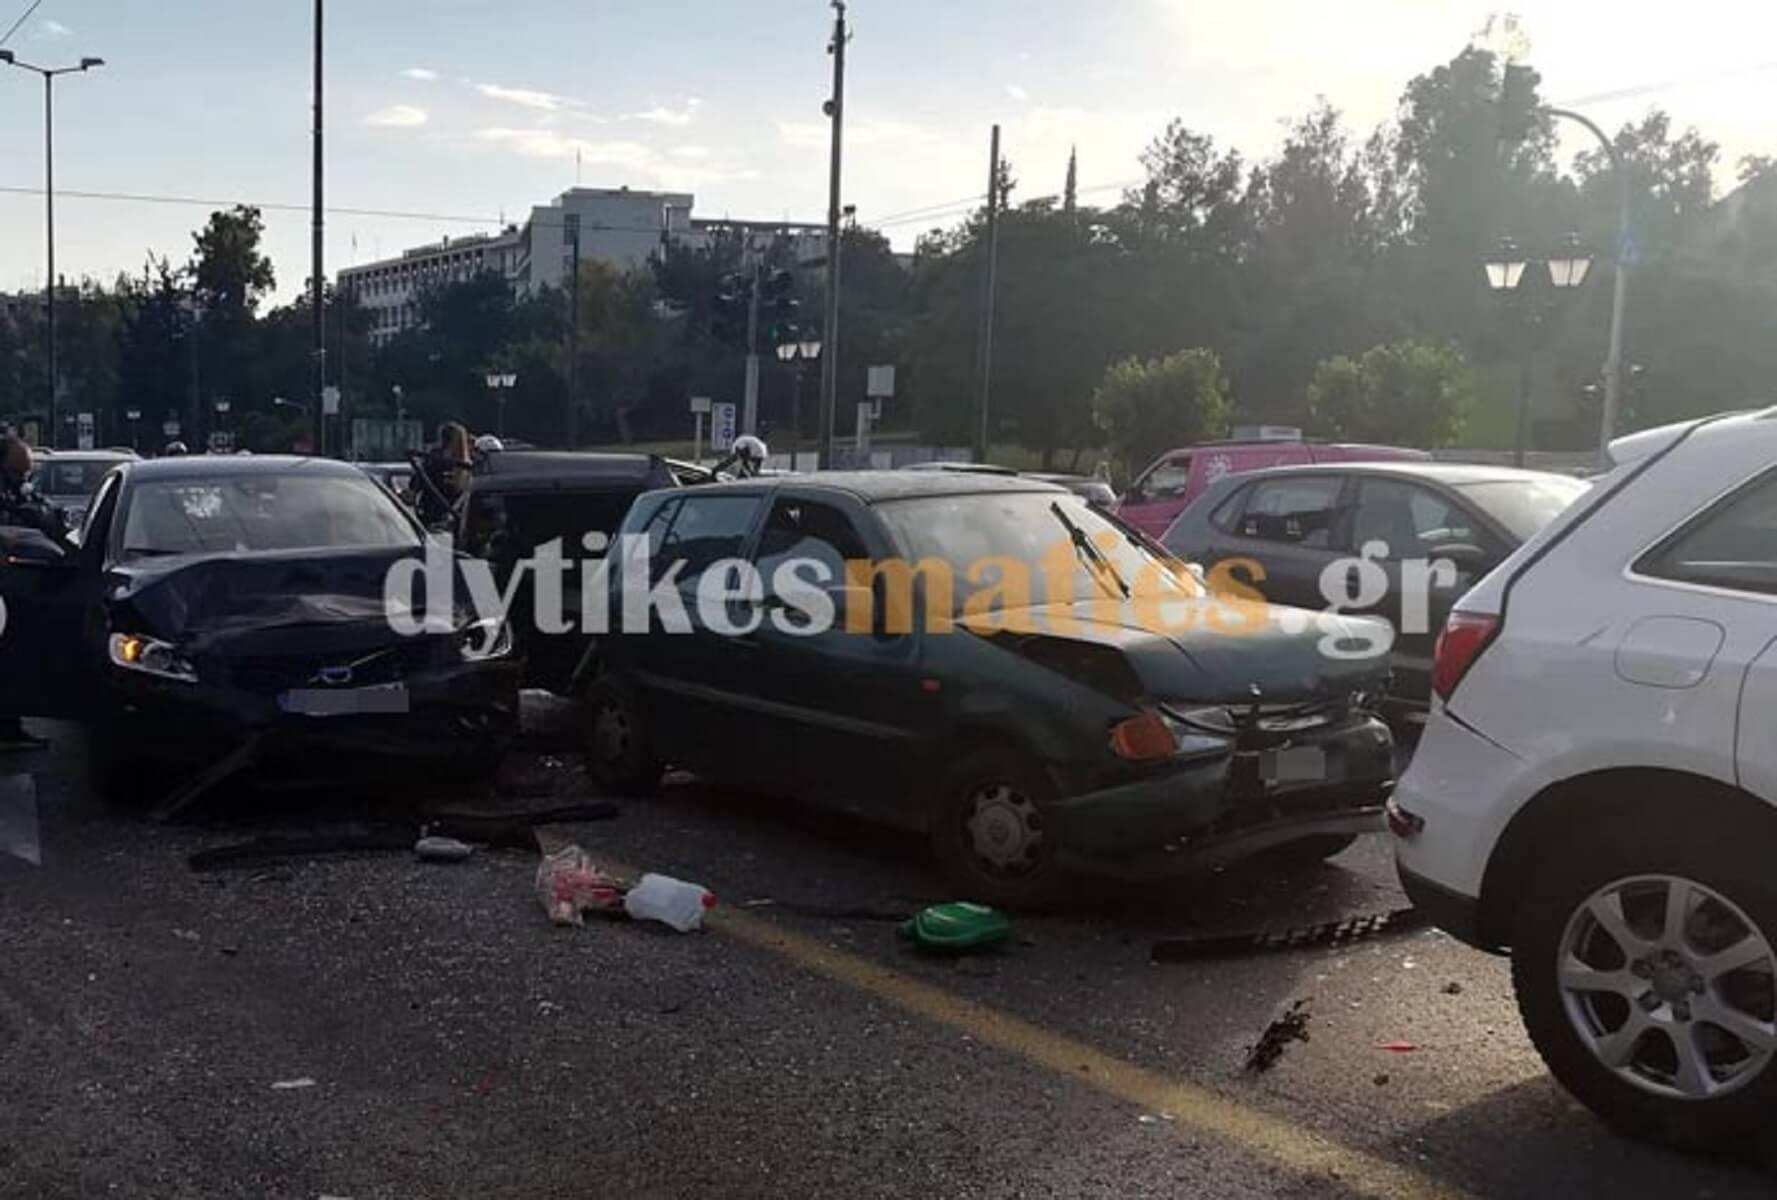 Καραμπόλα με τραυματίες στη Βασιλίσσης Σοφίας! Άμορφη μάζα τα τέσσερα οχήματα, αυξημένη η κίνηση στο κέντρο!